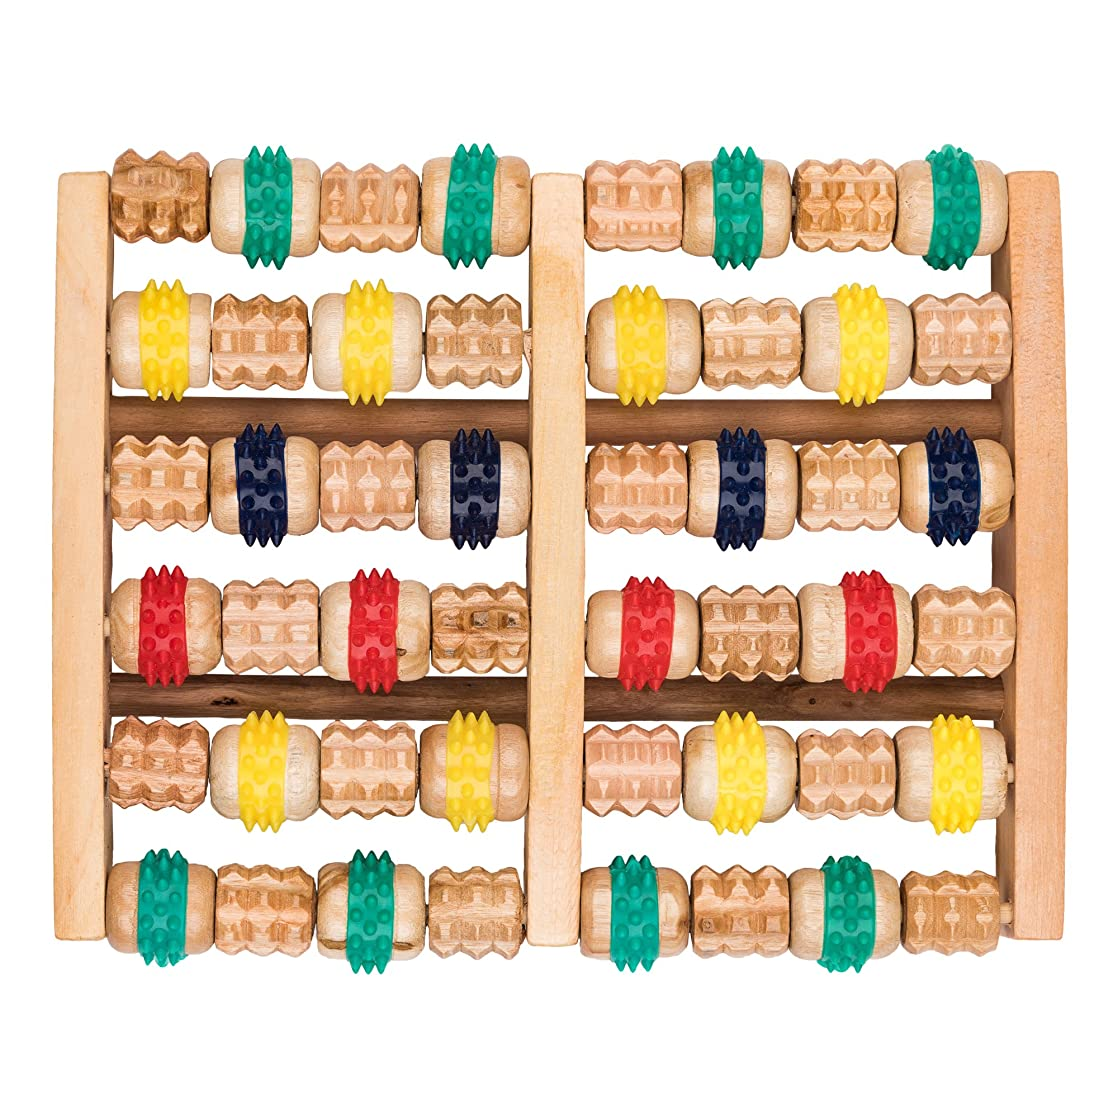 アンケート北米すり竹マッサージャー 足底ポイントマッサージャー 天然木製カラー 6列足底マッサージャー フットミニマッサージャー 家庭用木製フットバスマッサージャー